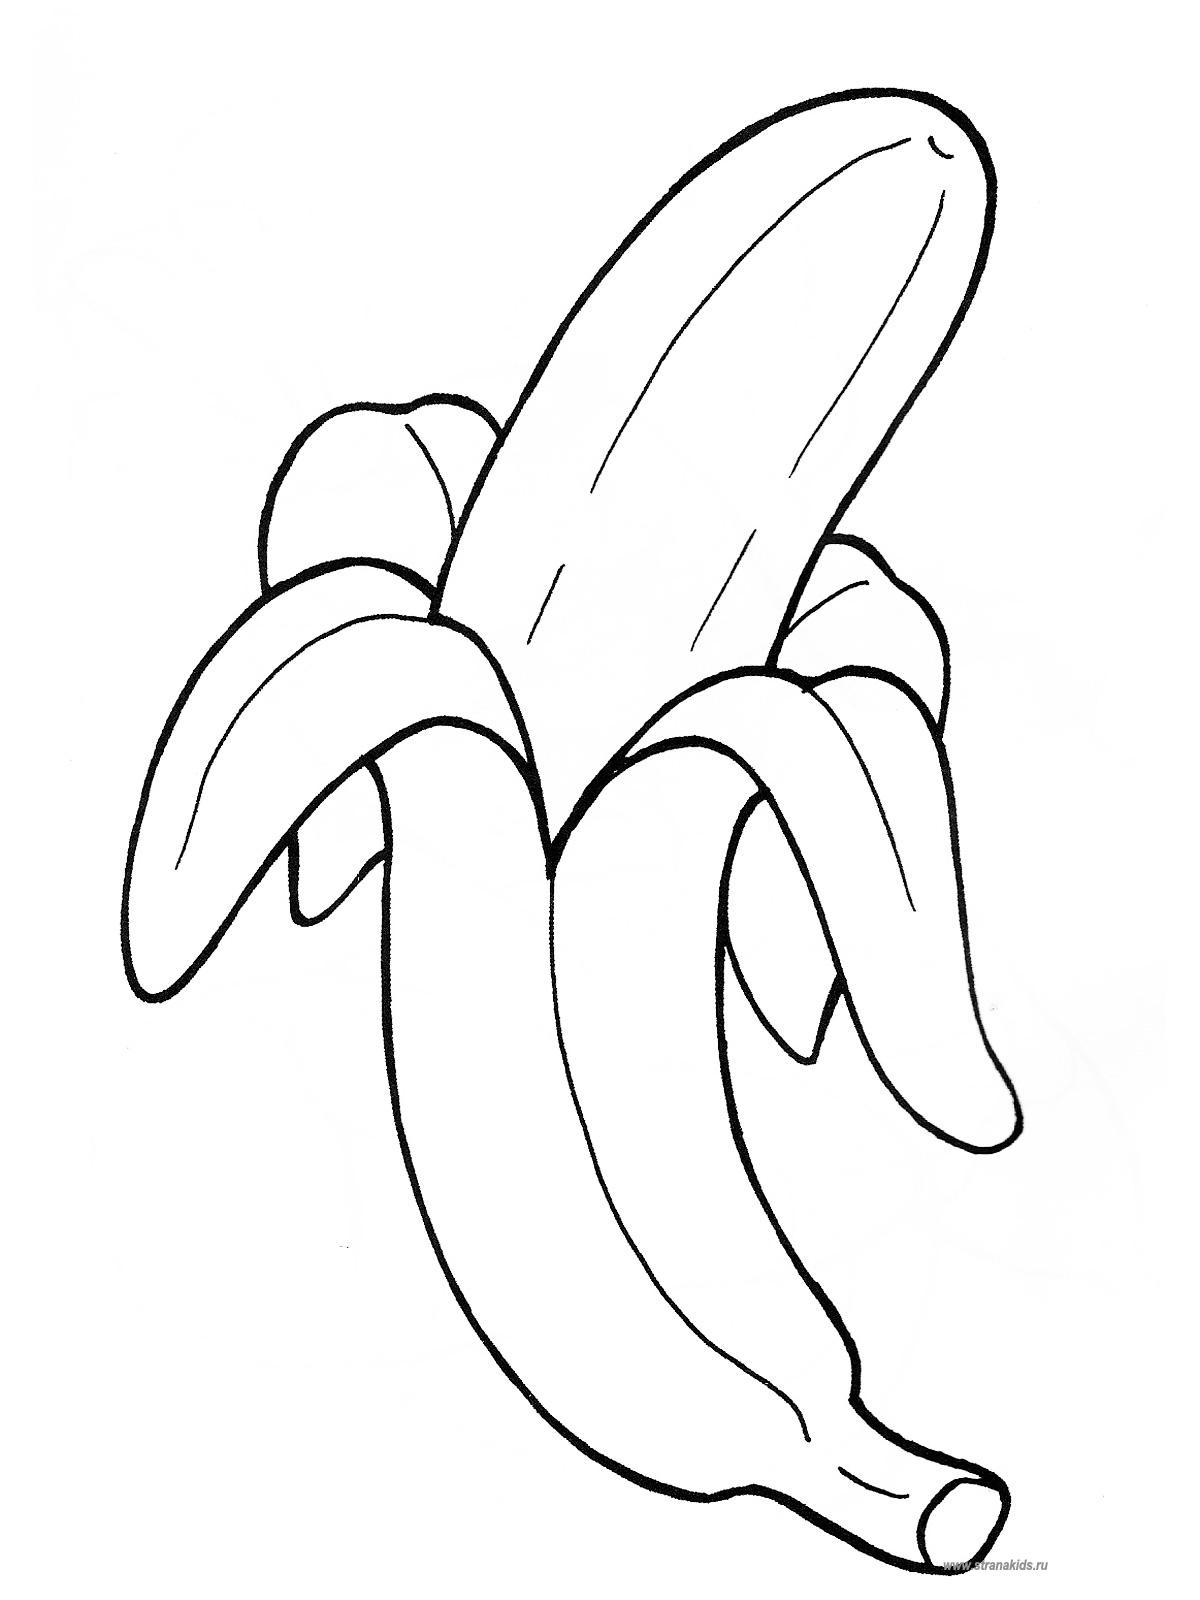 Раскраски фрукты и ягоды. Скачать. Распечатать StranaKids.ru